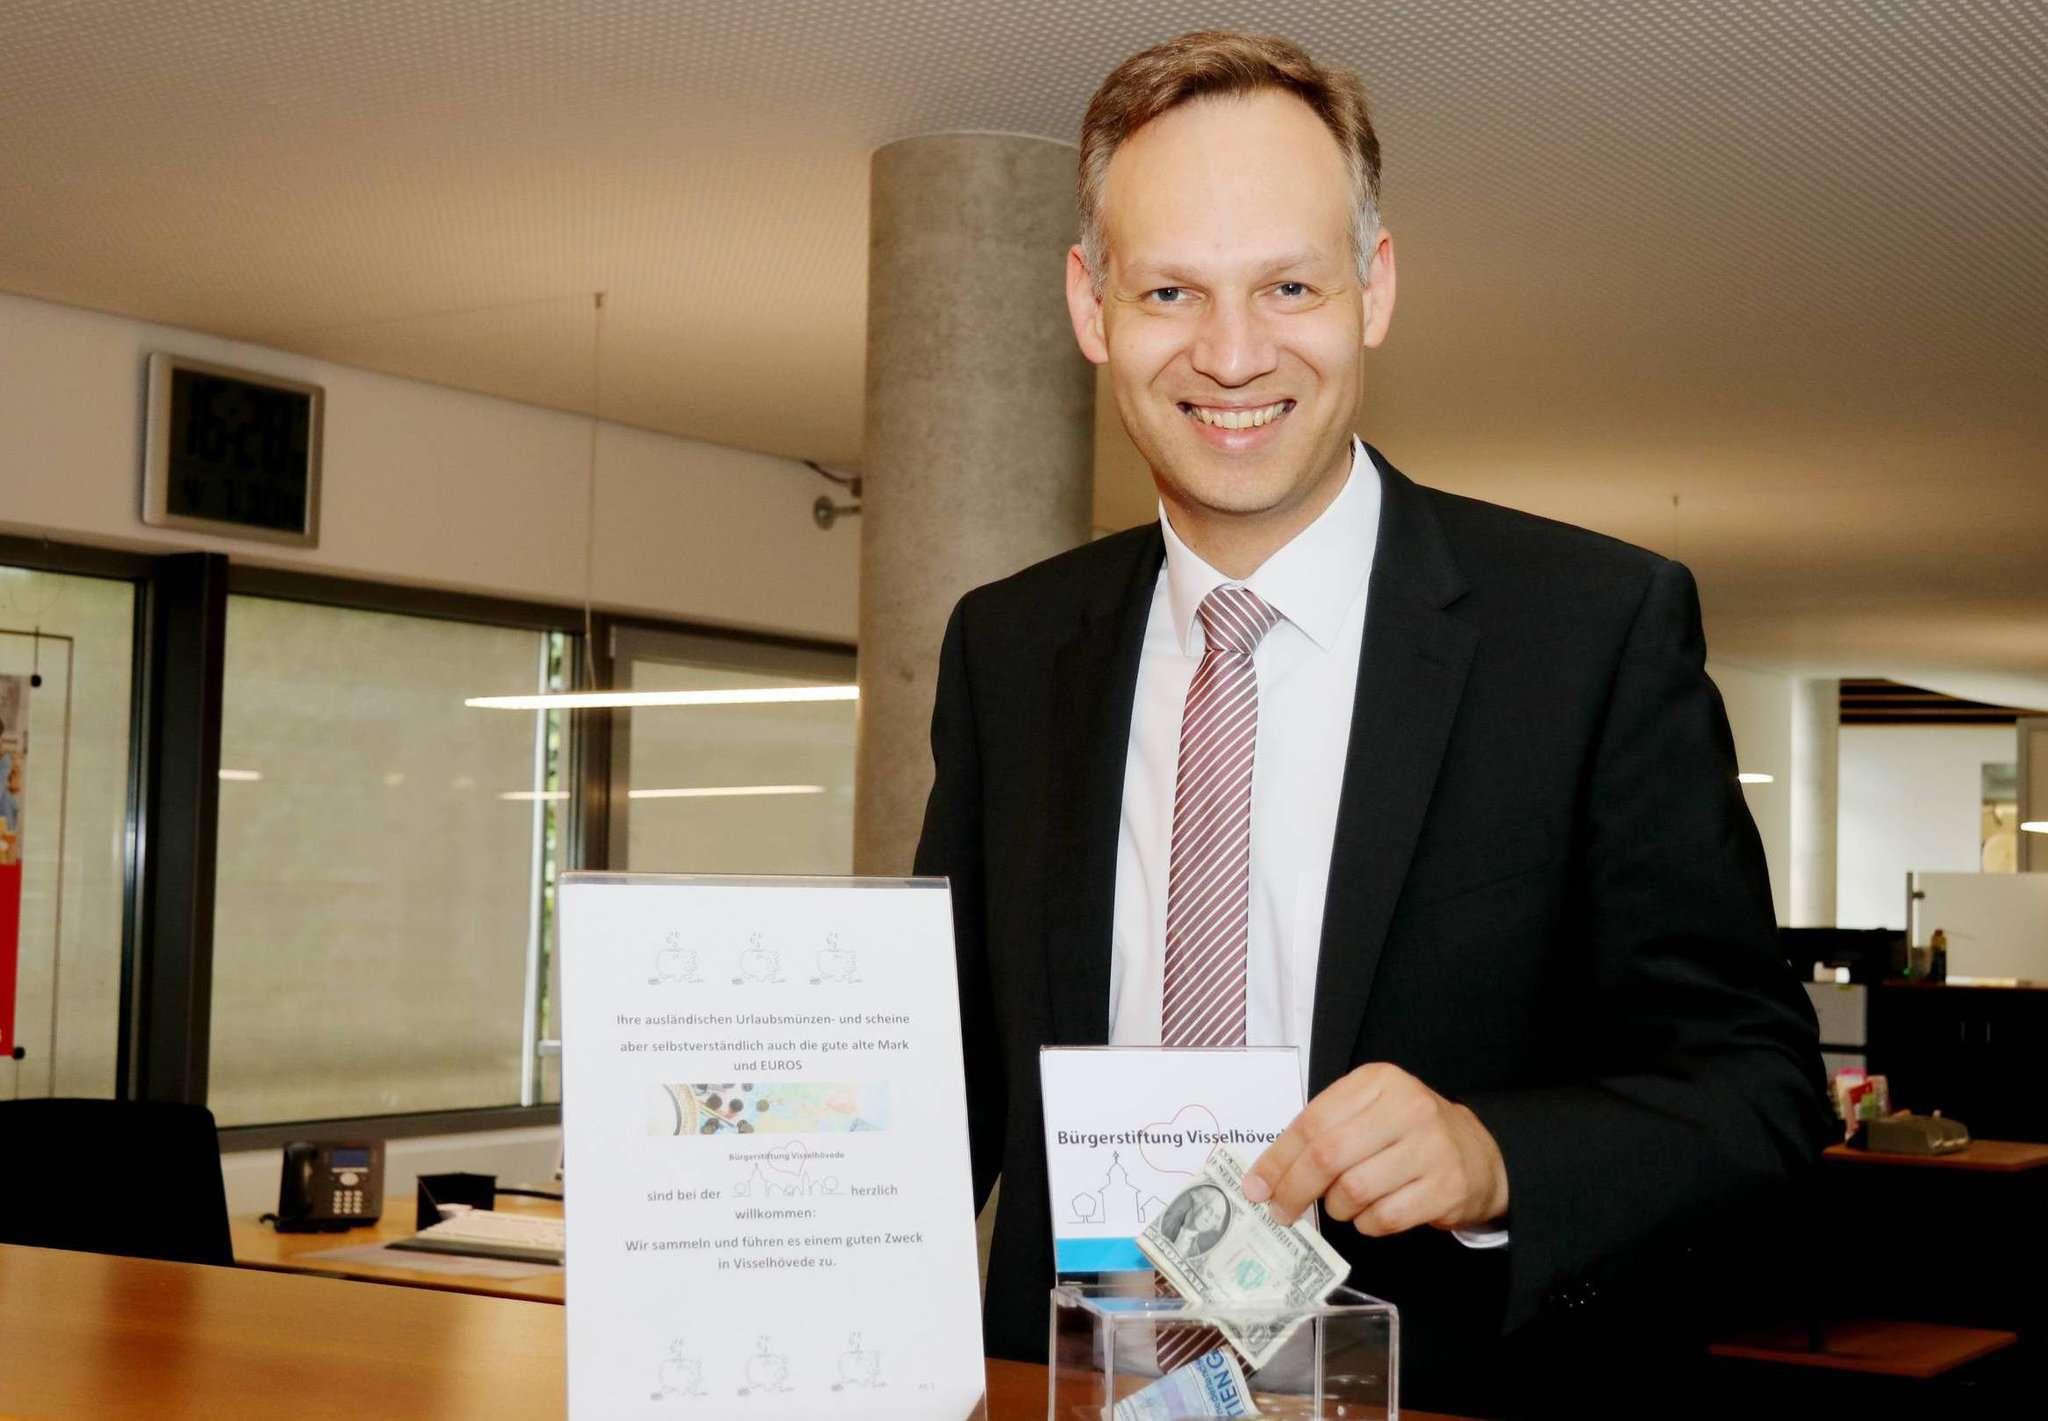 Jens Gilberg von der Bürgerstiftung hofft, dass Visselhöveder ihre Urlaubsreste in den neuen Spendenboxen hinterlassen. Foto: Nina Baucke